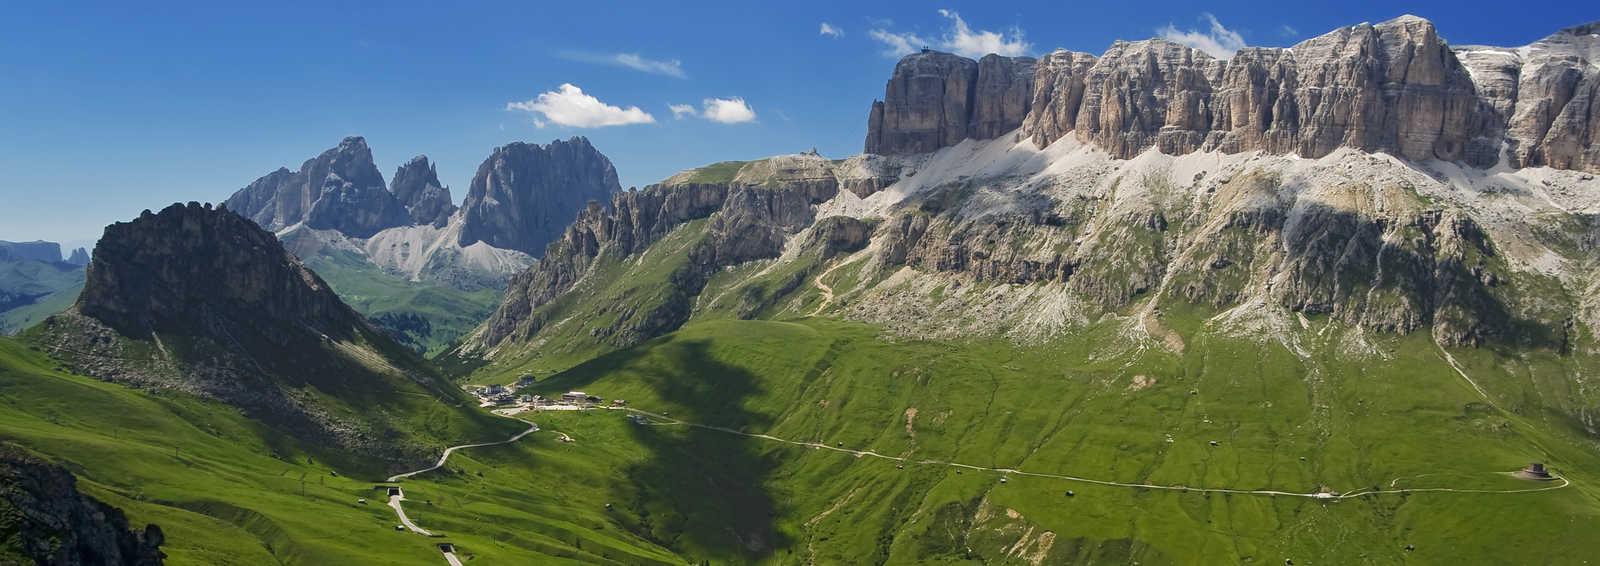 Pordoi pass, Dolomites